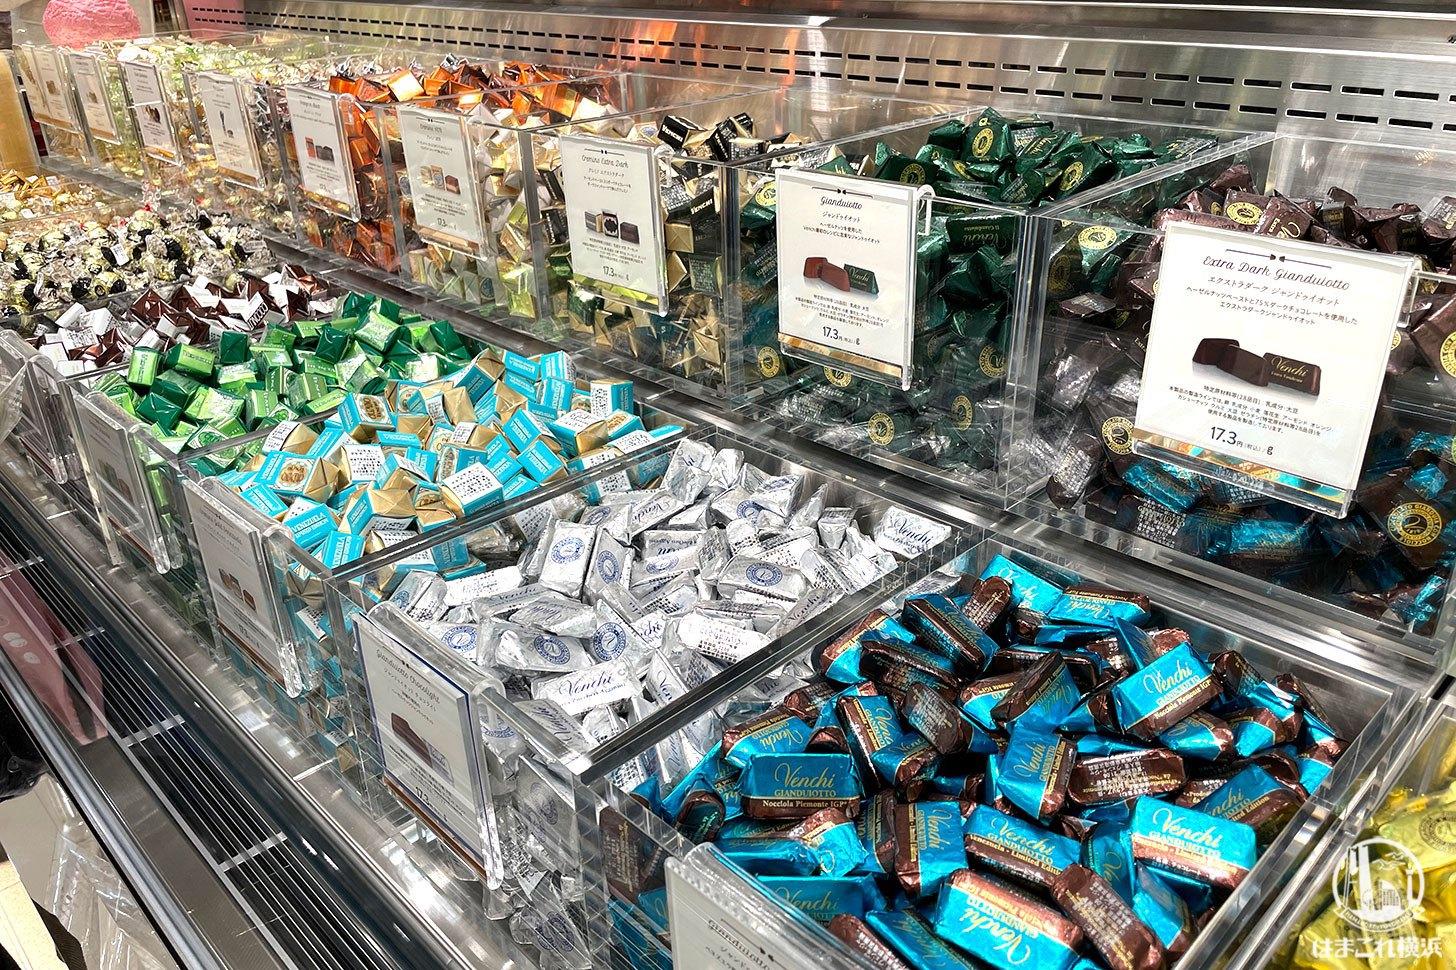 ヴェンキそごう横浜店 チョコレート量り売り